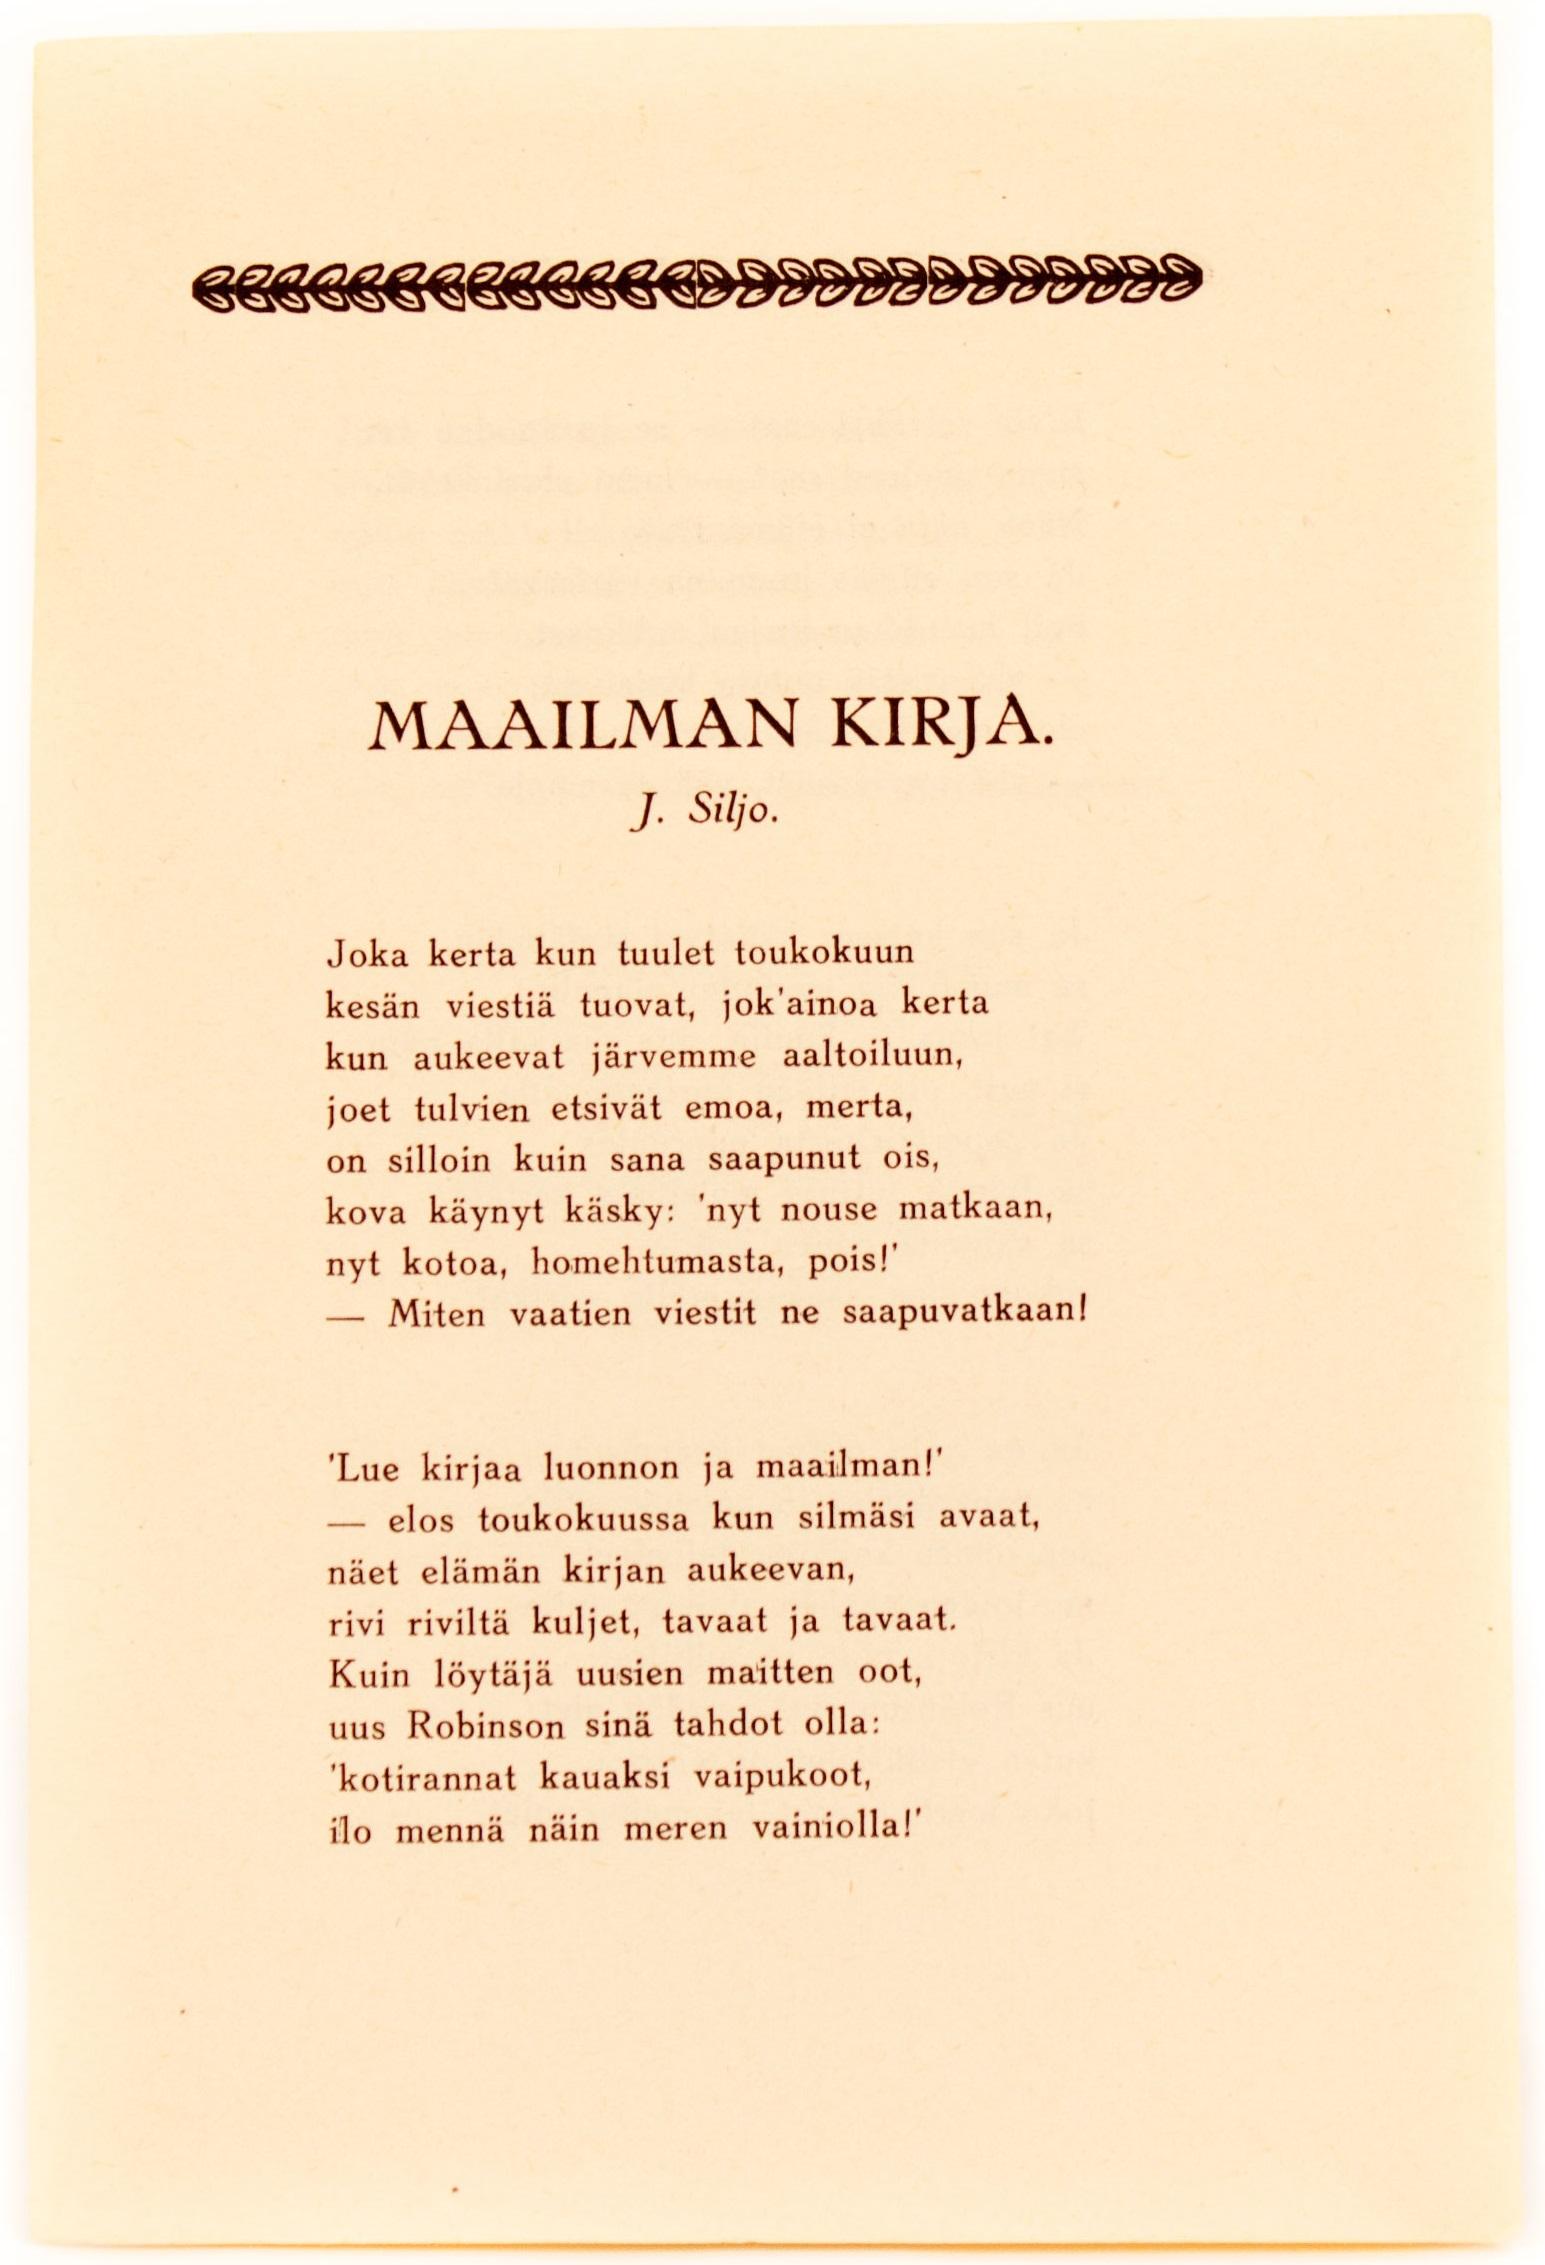 Juhani Siljon kirjoittama runo Maailman kirja